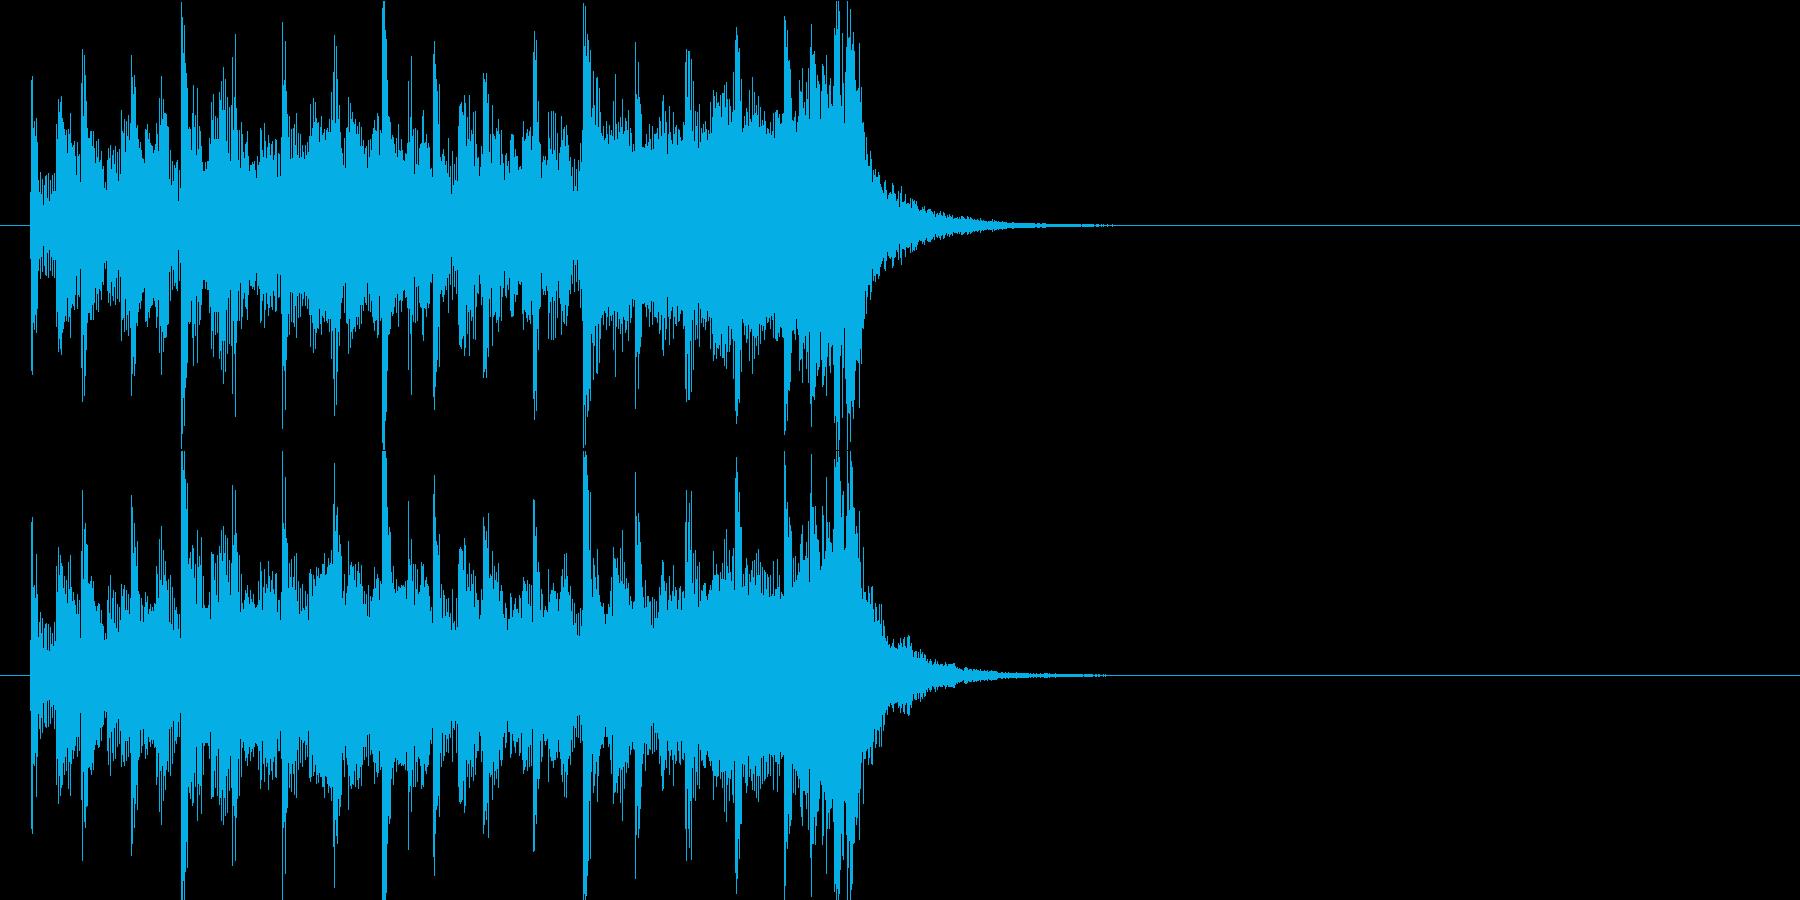 クイズ 発表 アタック 緊張 テーマの再生済みの波形